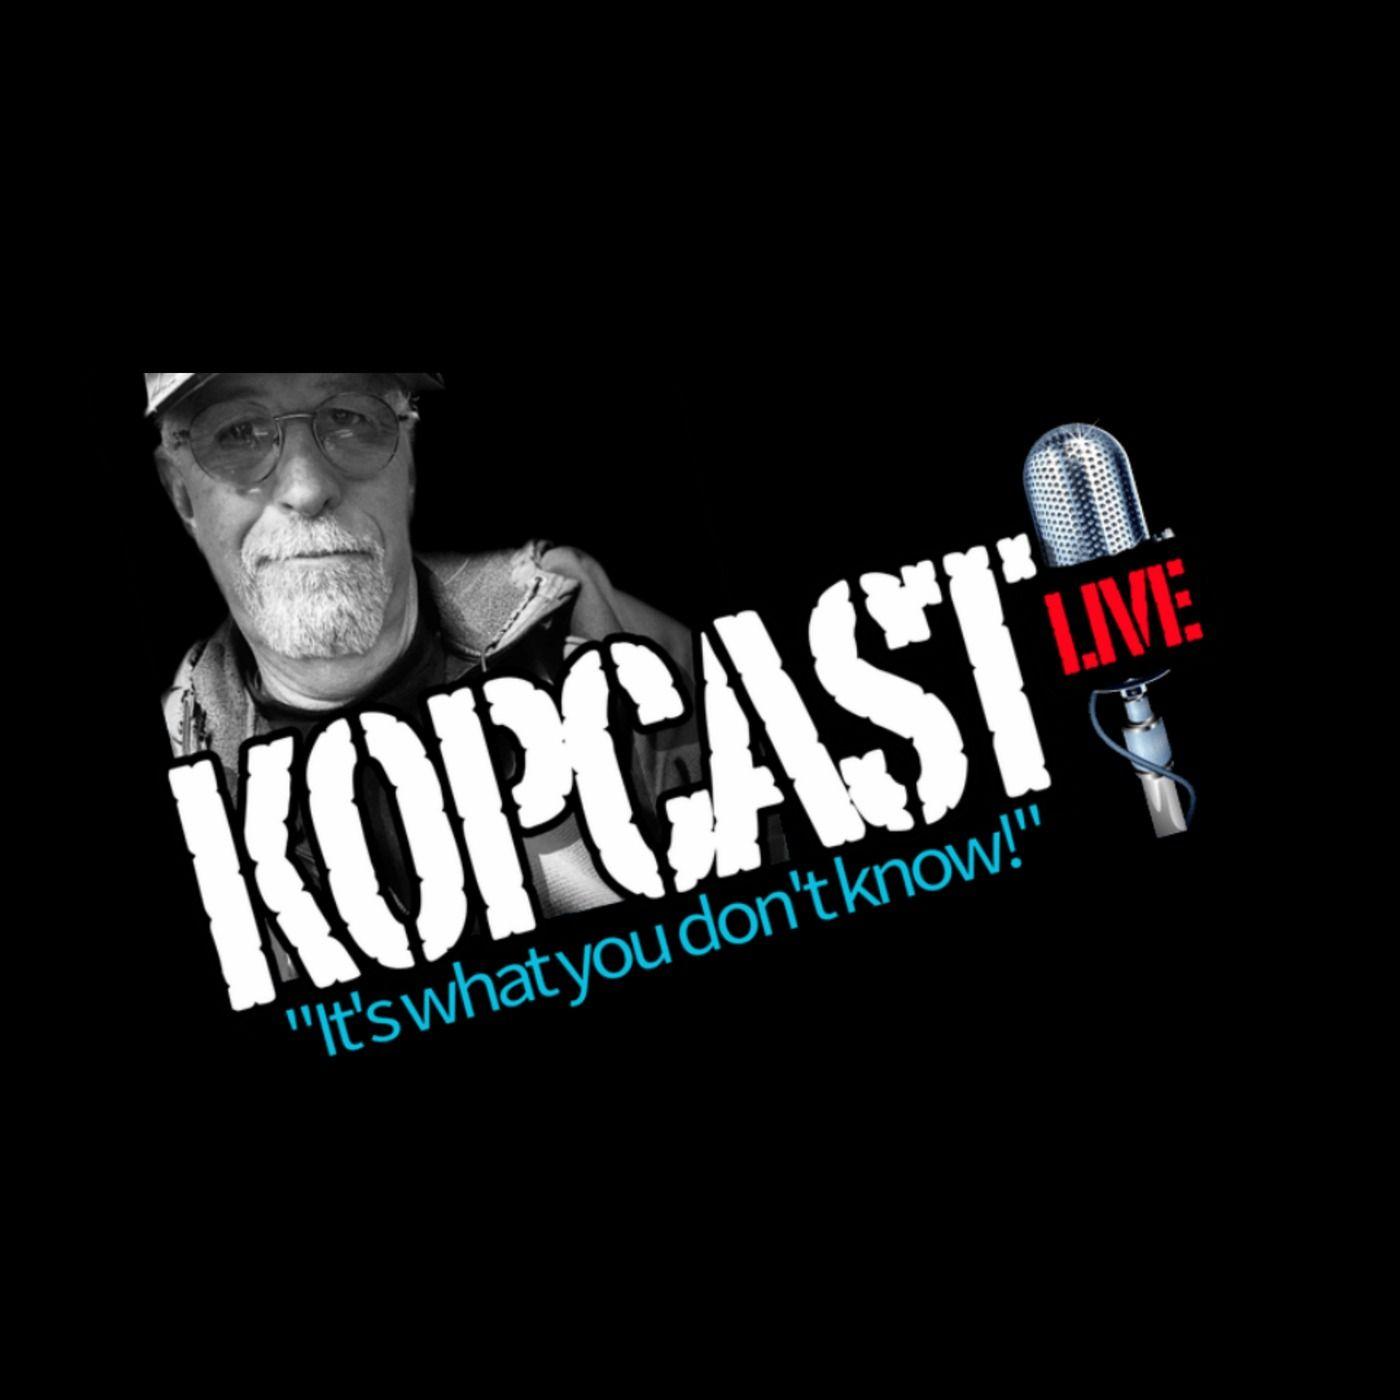 Kopcast Live with Dr T Charles Brantley